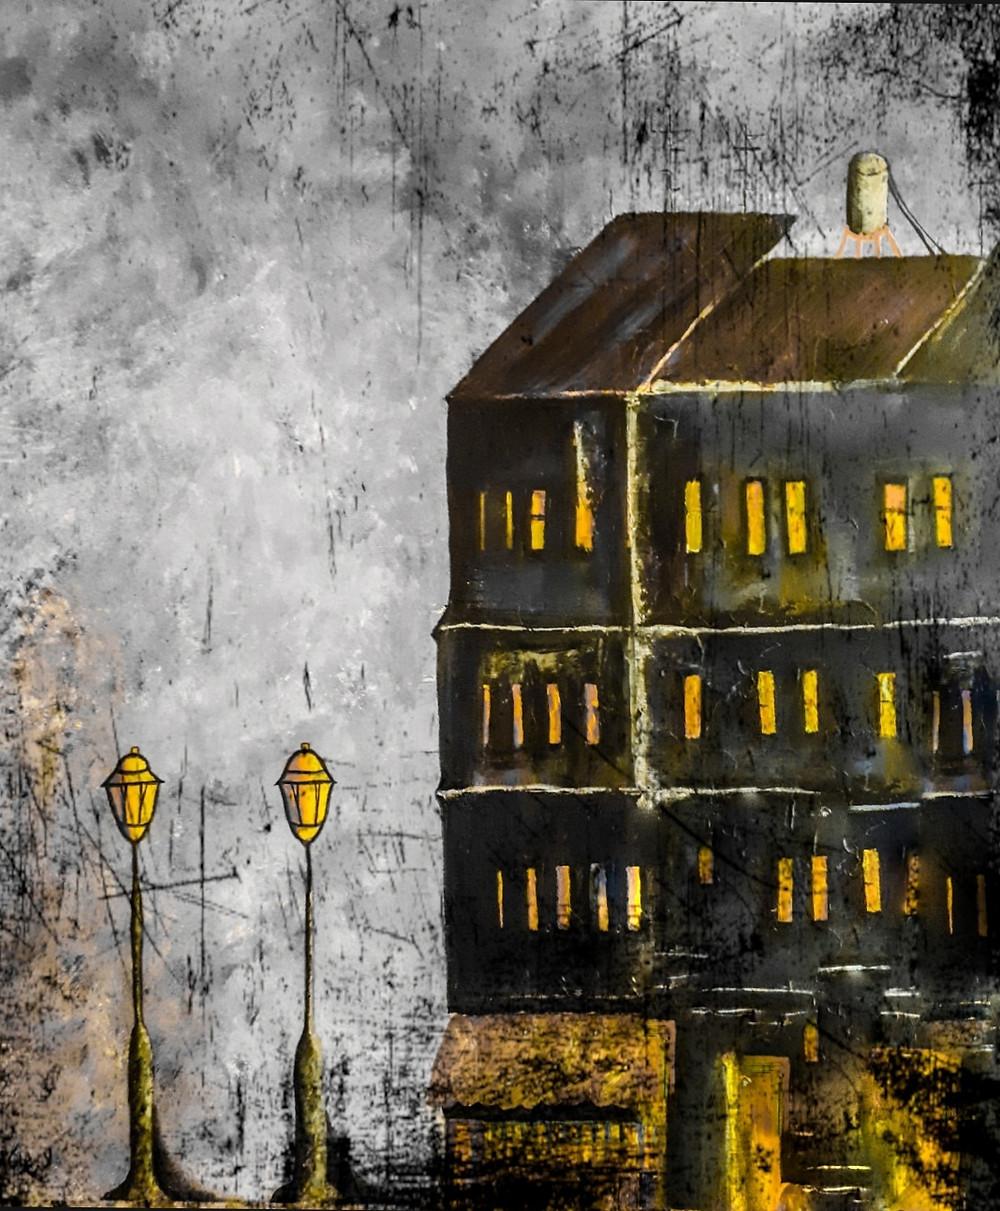 העיר באפור, ציור בצבעי אקריליק על בד